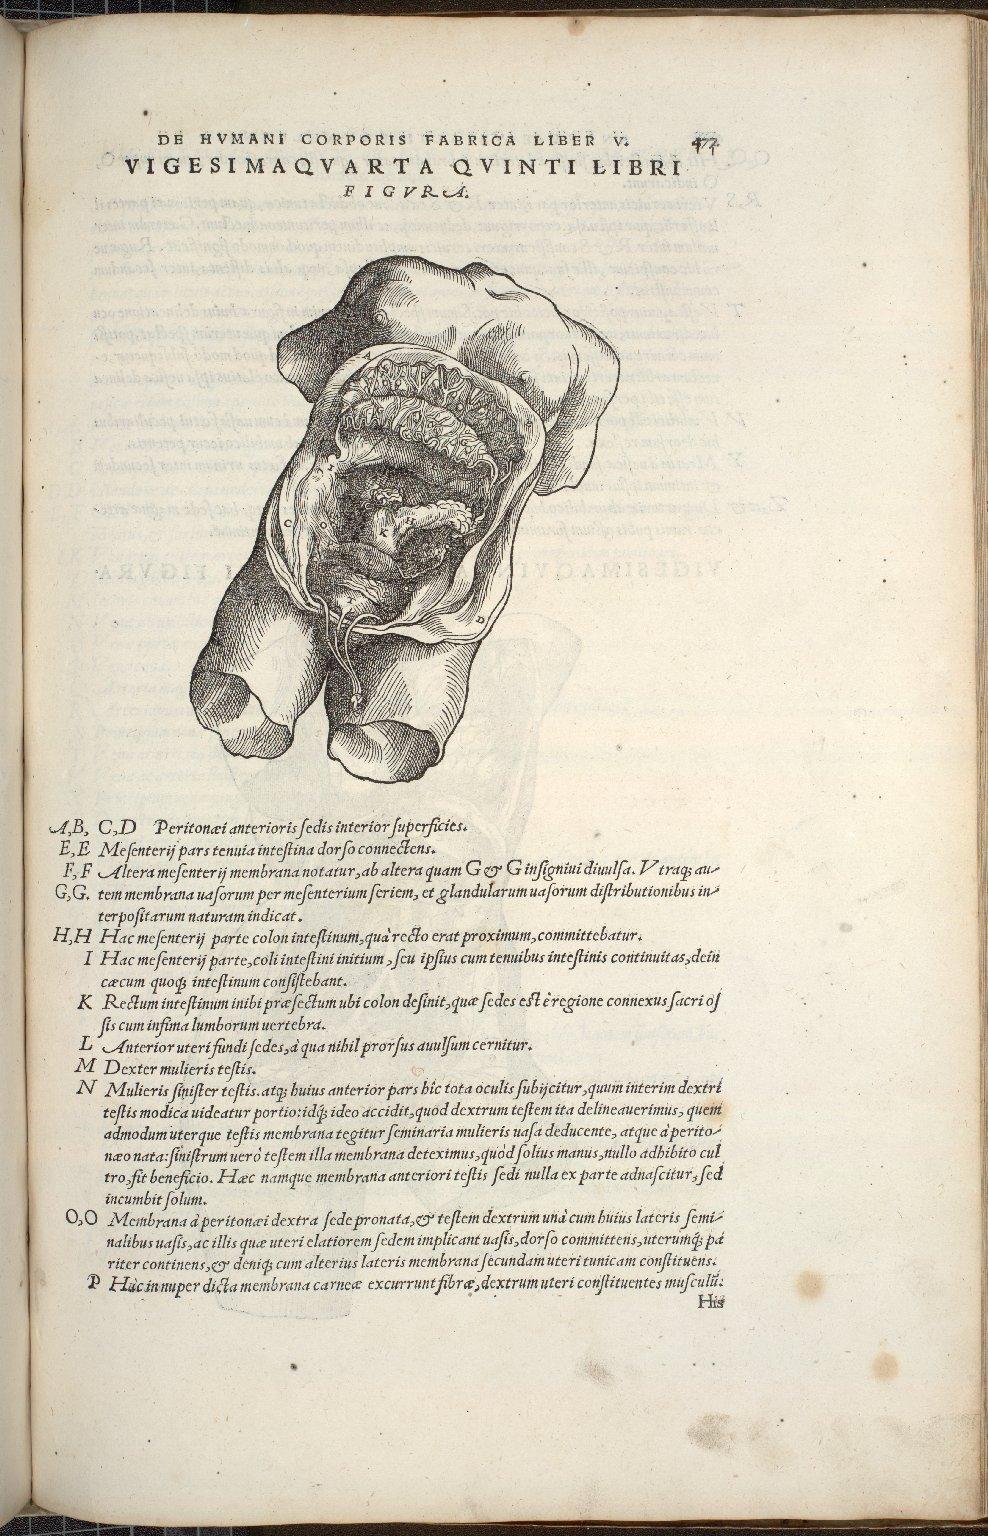 Organis Nutritioni, Vigesimaquarta Quinti Libri Figura.